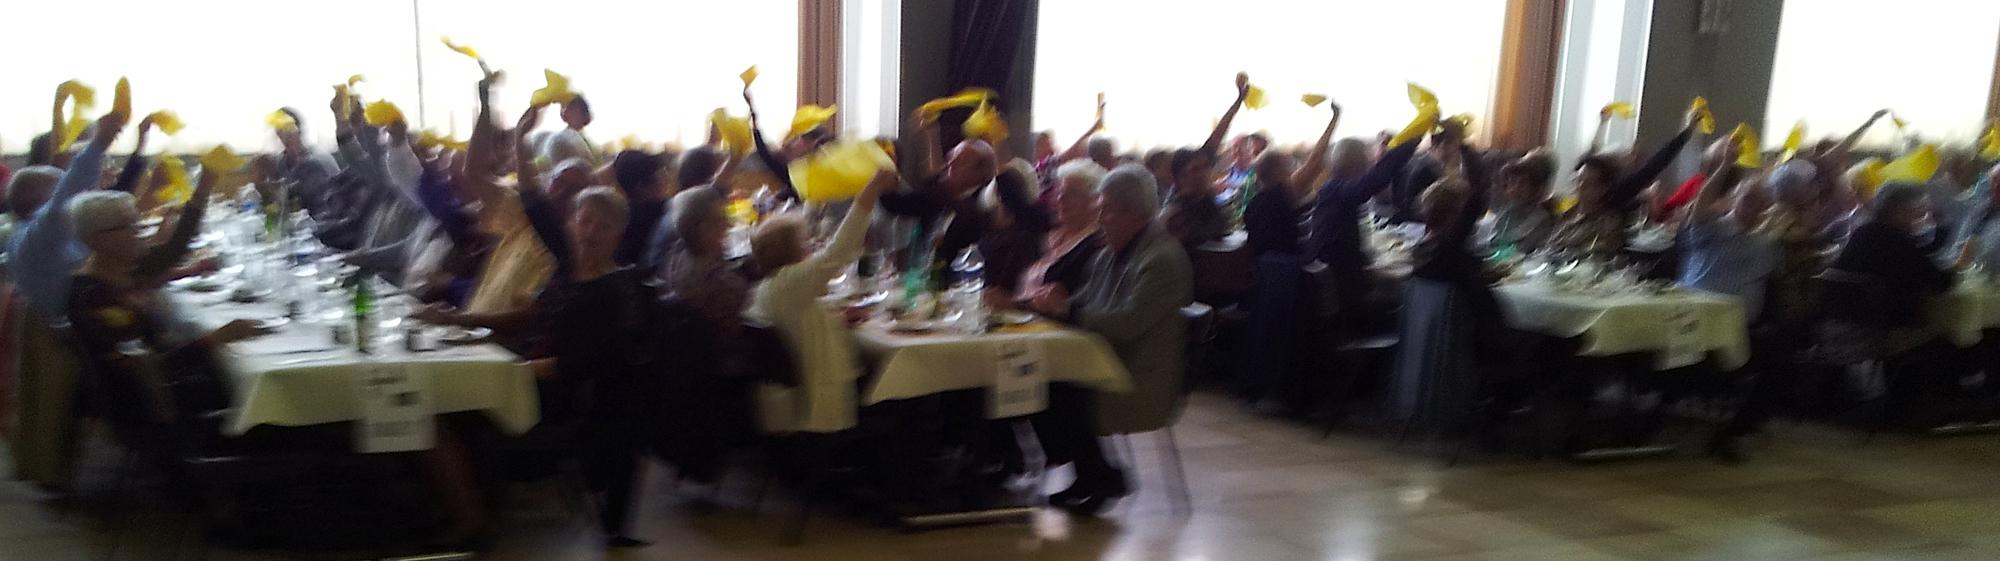 3- Ambiance festive à Sochaux 25, avec l'orchestre bavarois GALLISCH BREZEL, 15 avril 2012